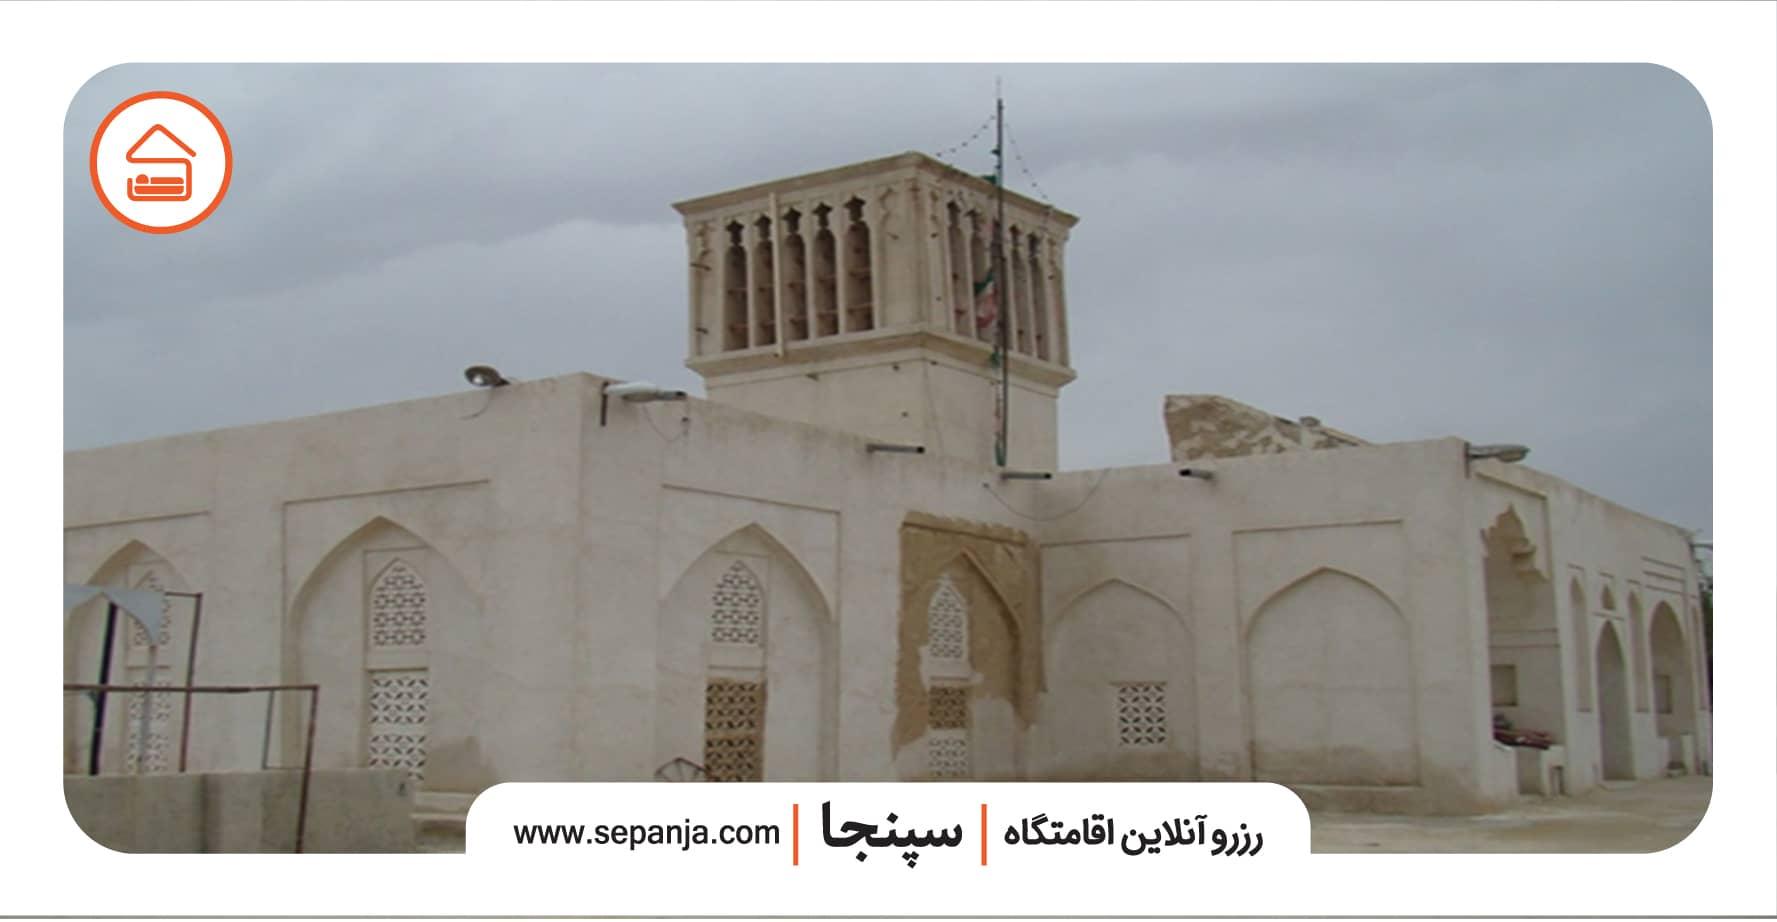 نمایی از بافت تاریخی شهر